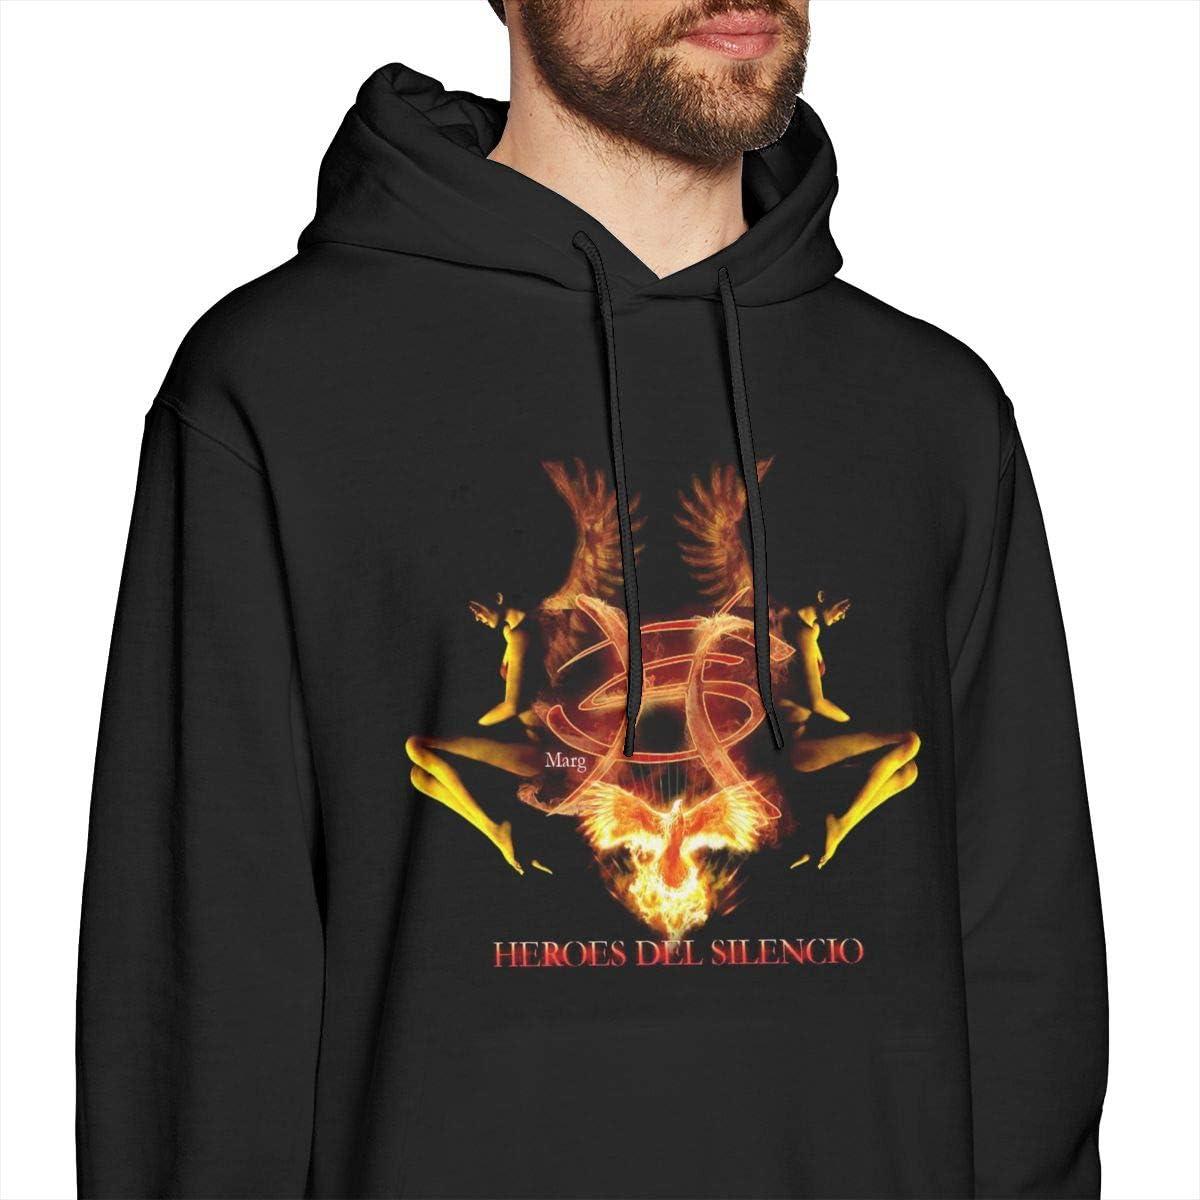 Lanmei Mens Heroes Del Silencio Hooded Sweatshirt Black